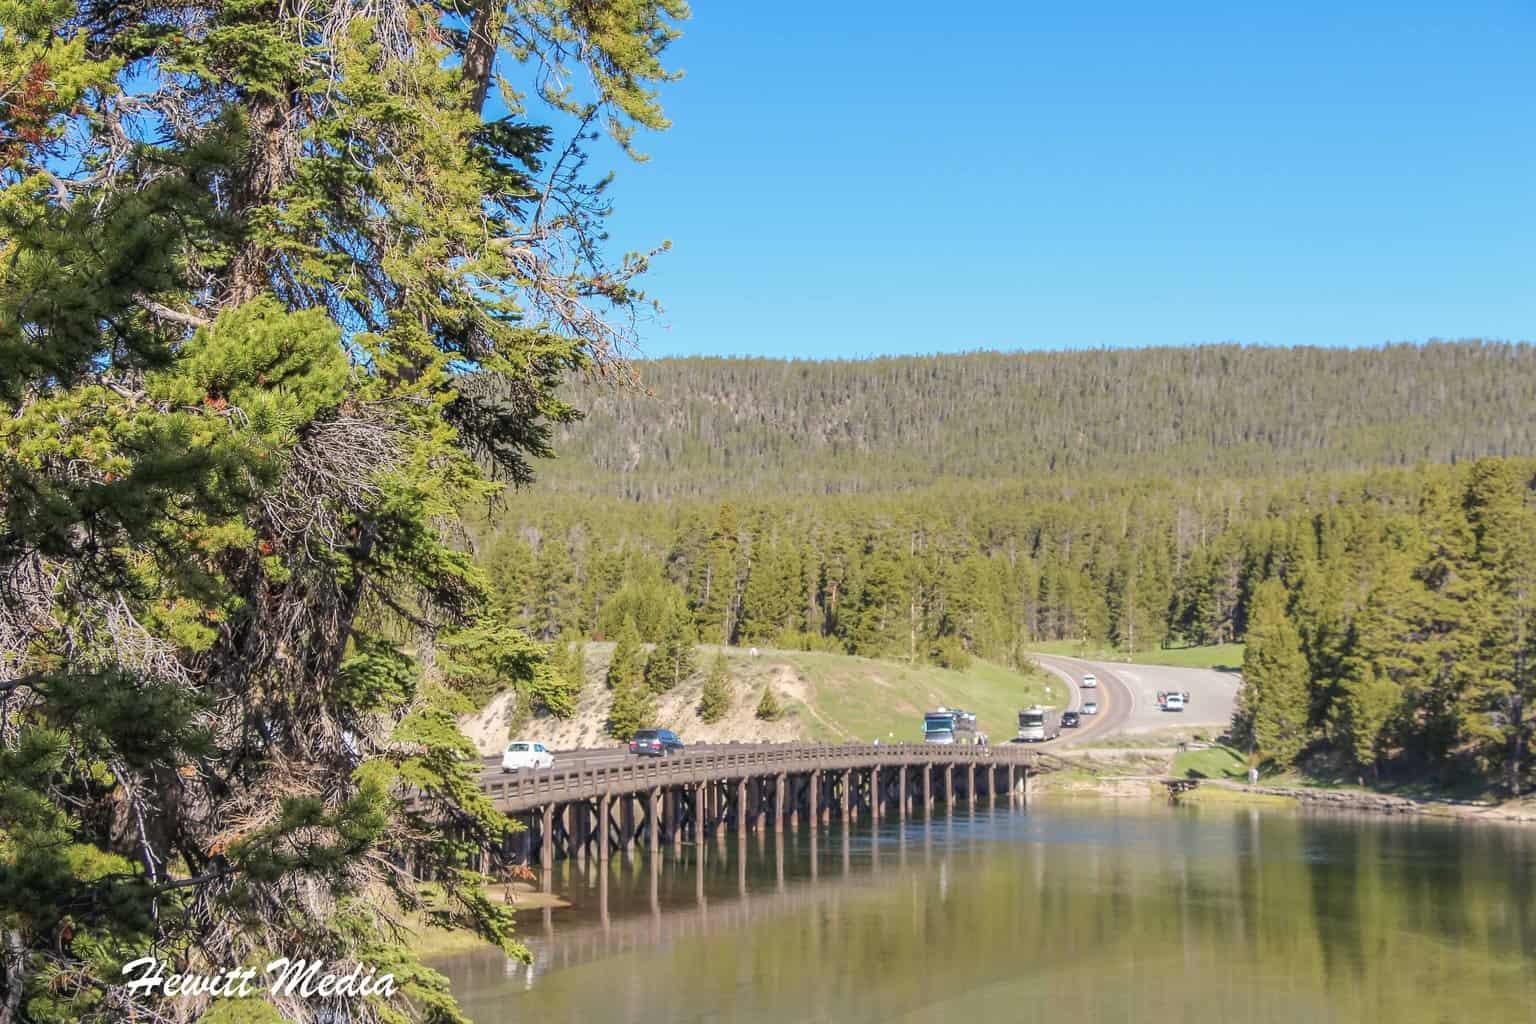 Fishing Bridge in Yellowstone